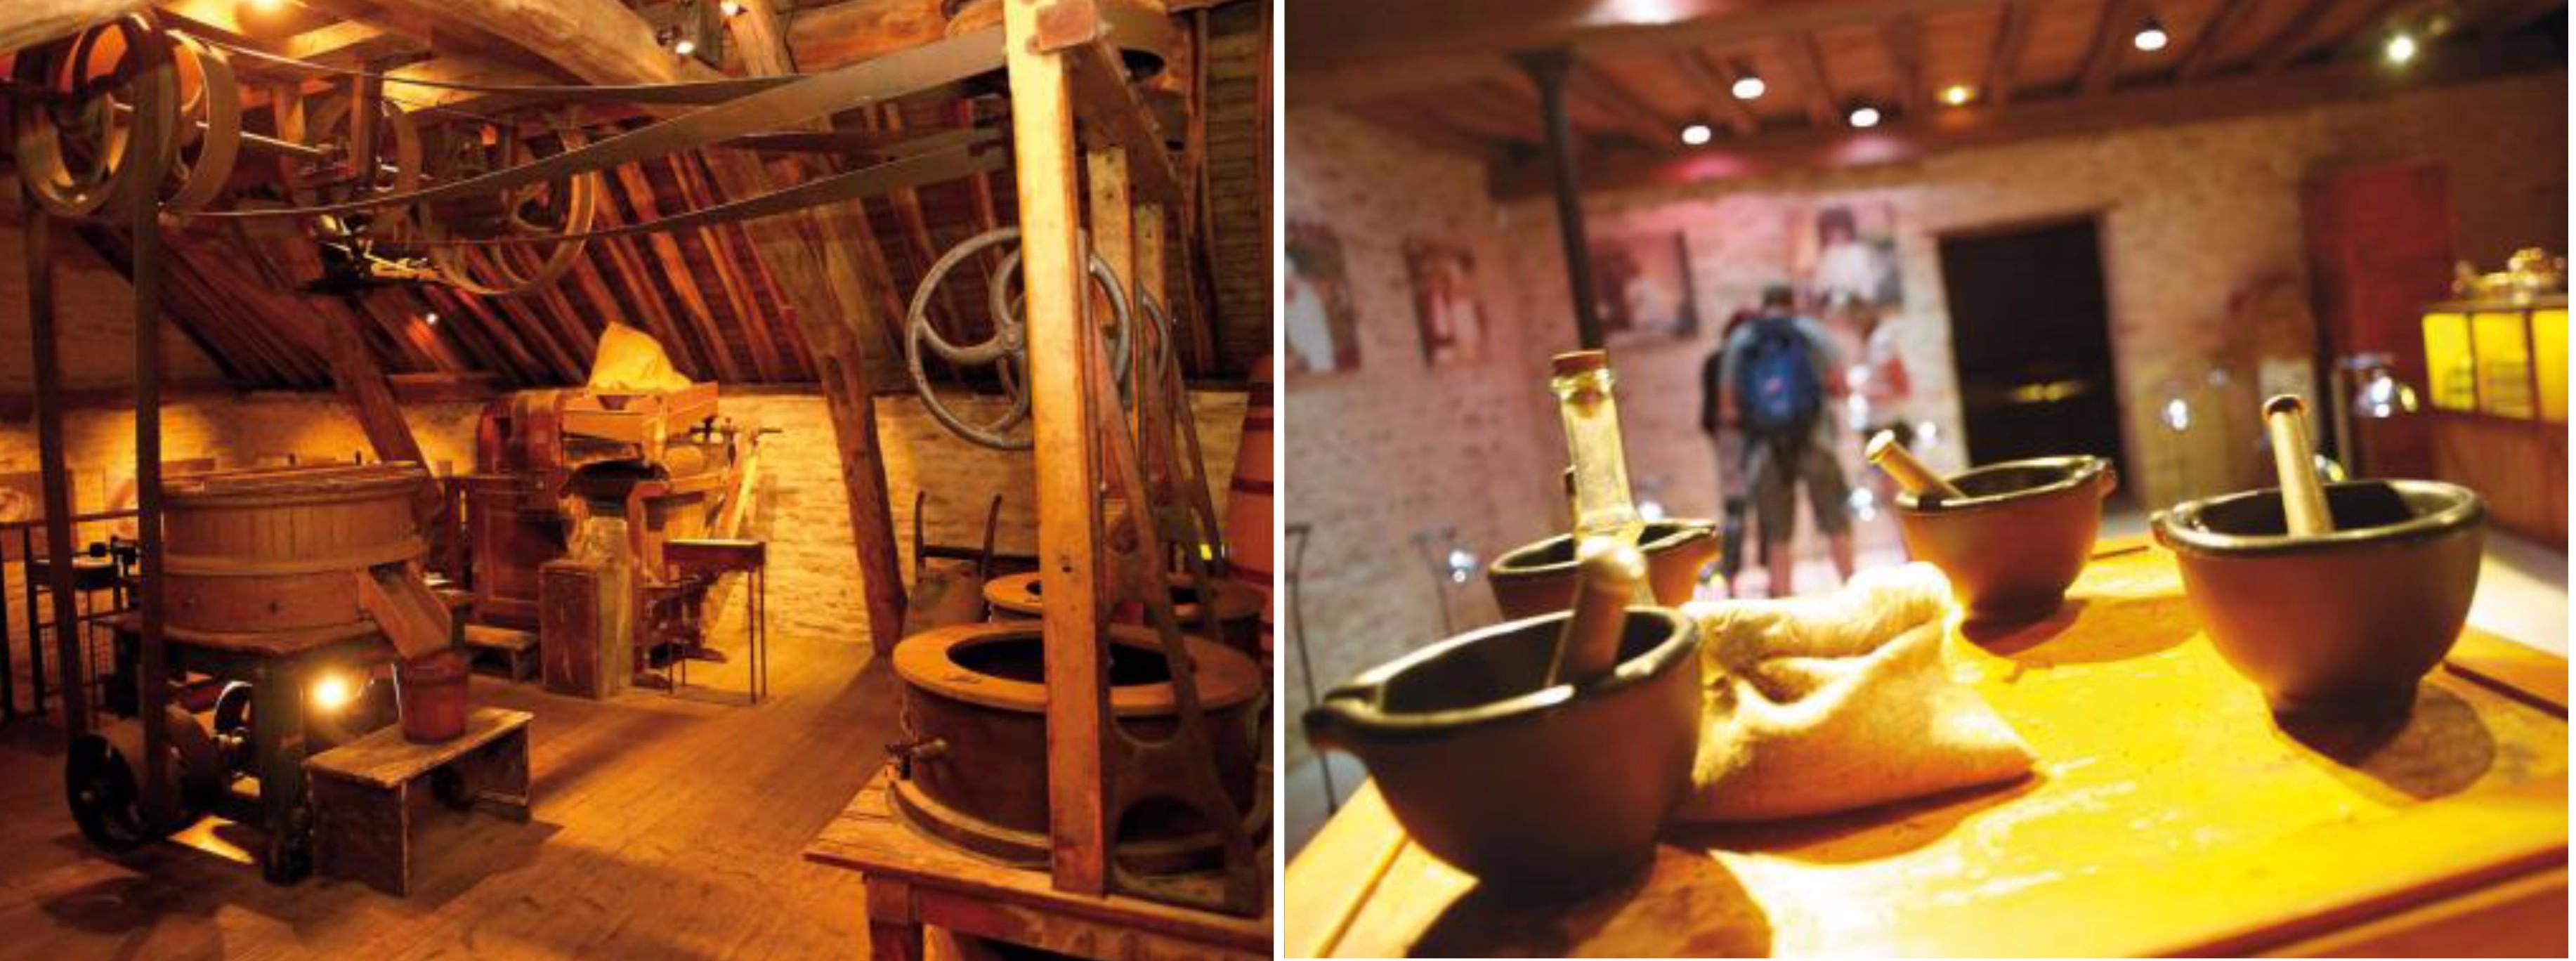 ดิจง – ตลาดเช้า Les Halles – โบน – โอเตล เดอ โบน – พิพิธภัณฑ์มัสตาร์ดฟาลโลต์ –ไวน์ชาโตว์ของปมมาร์ – ชิมไวน์ – ดิจง - 2